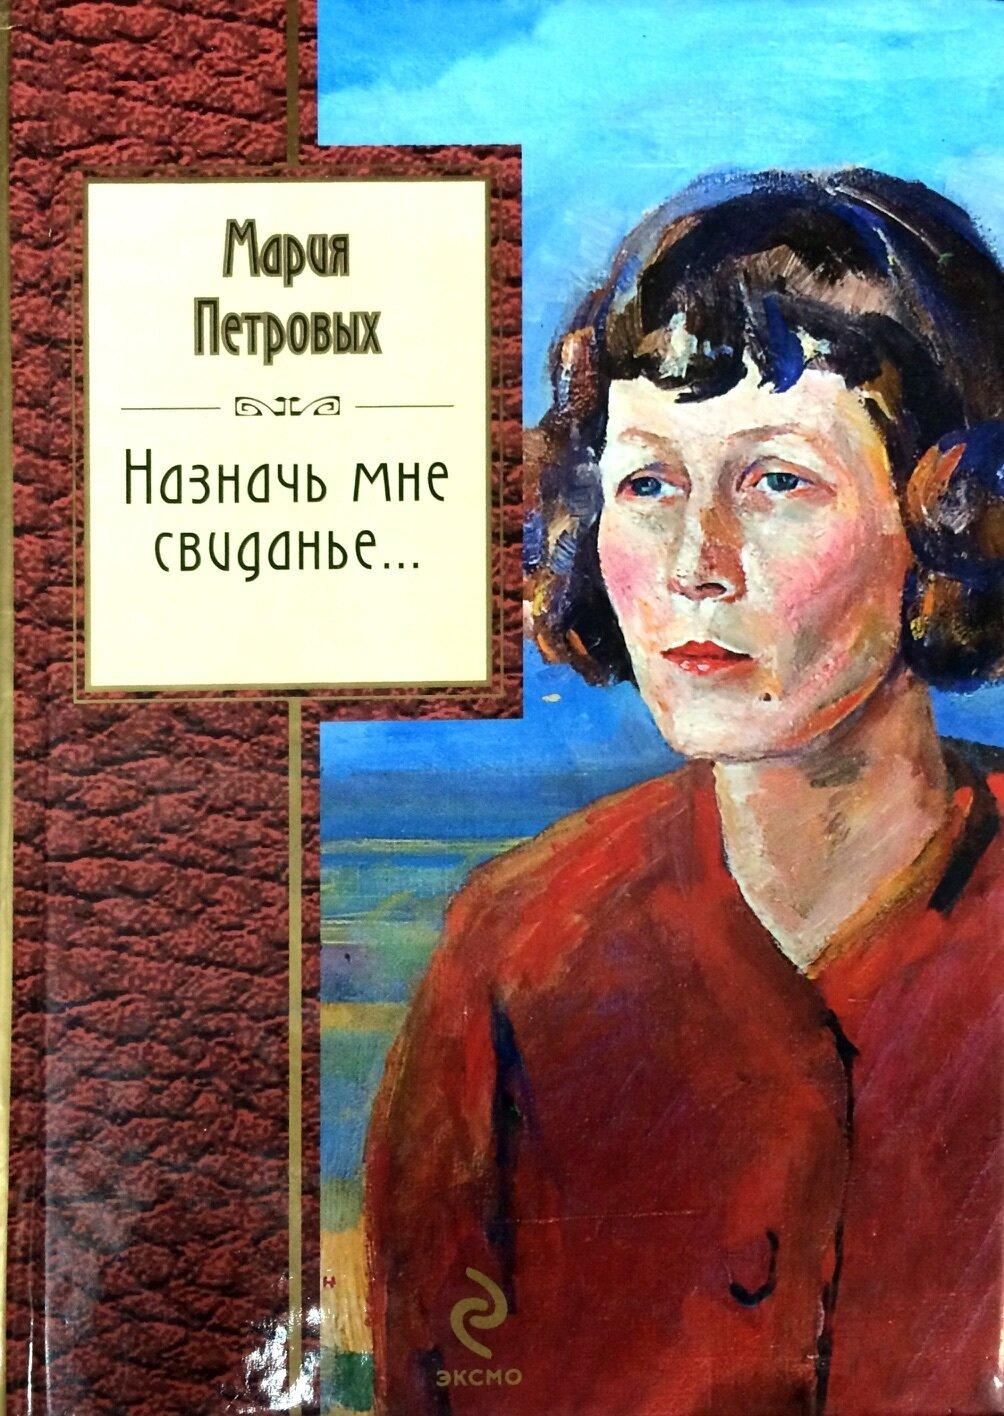 Назначь мне свиданье...; Мария Петровых